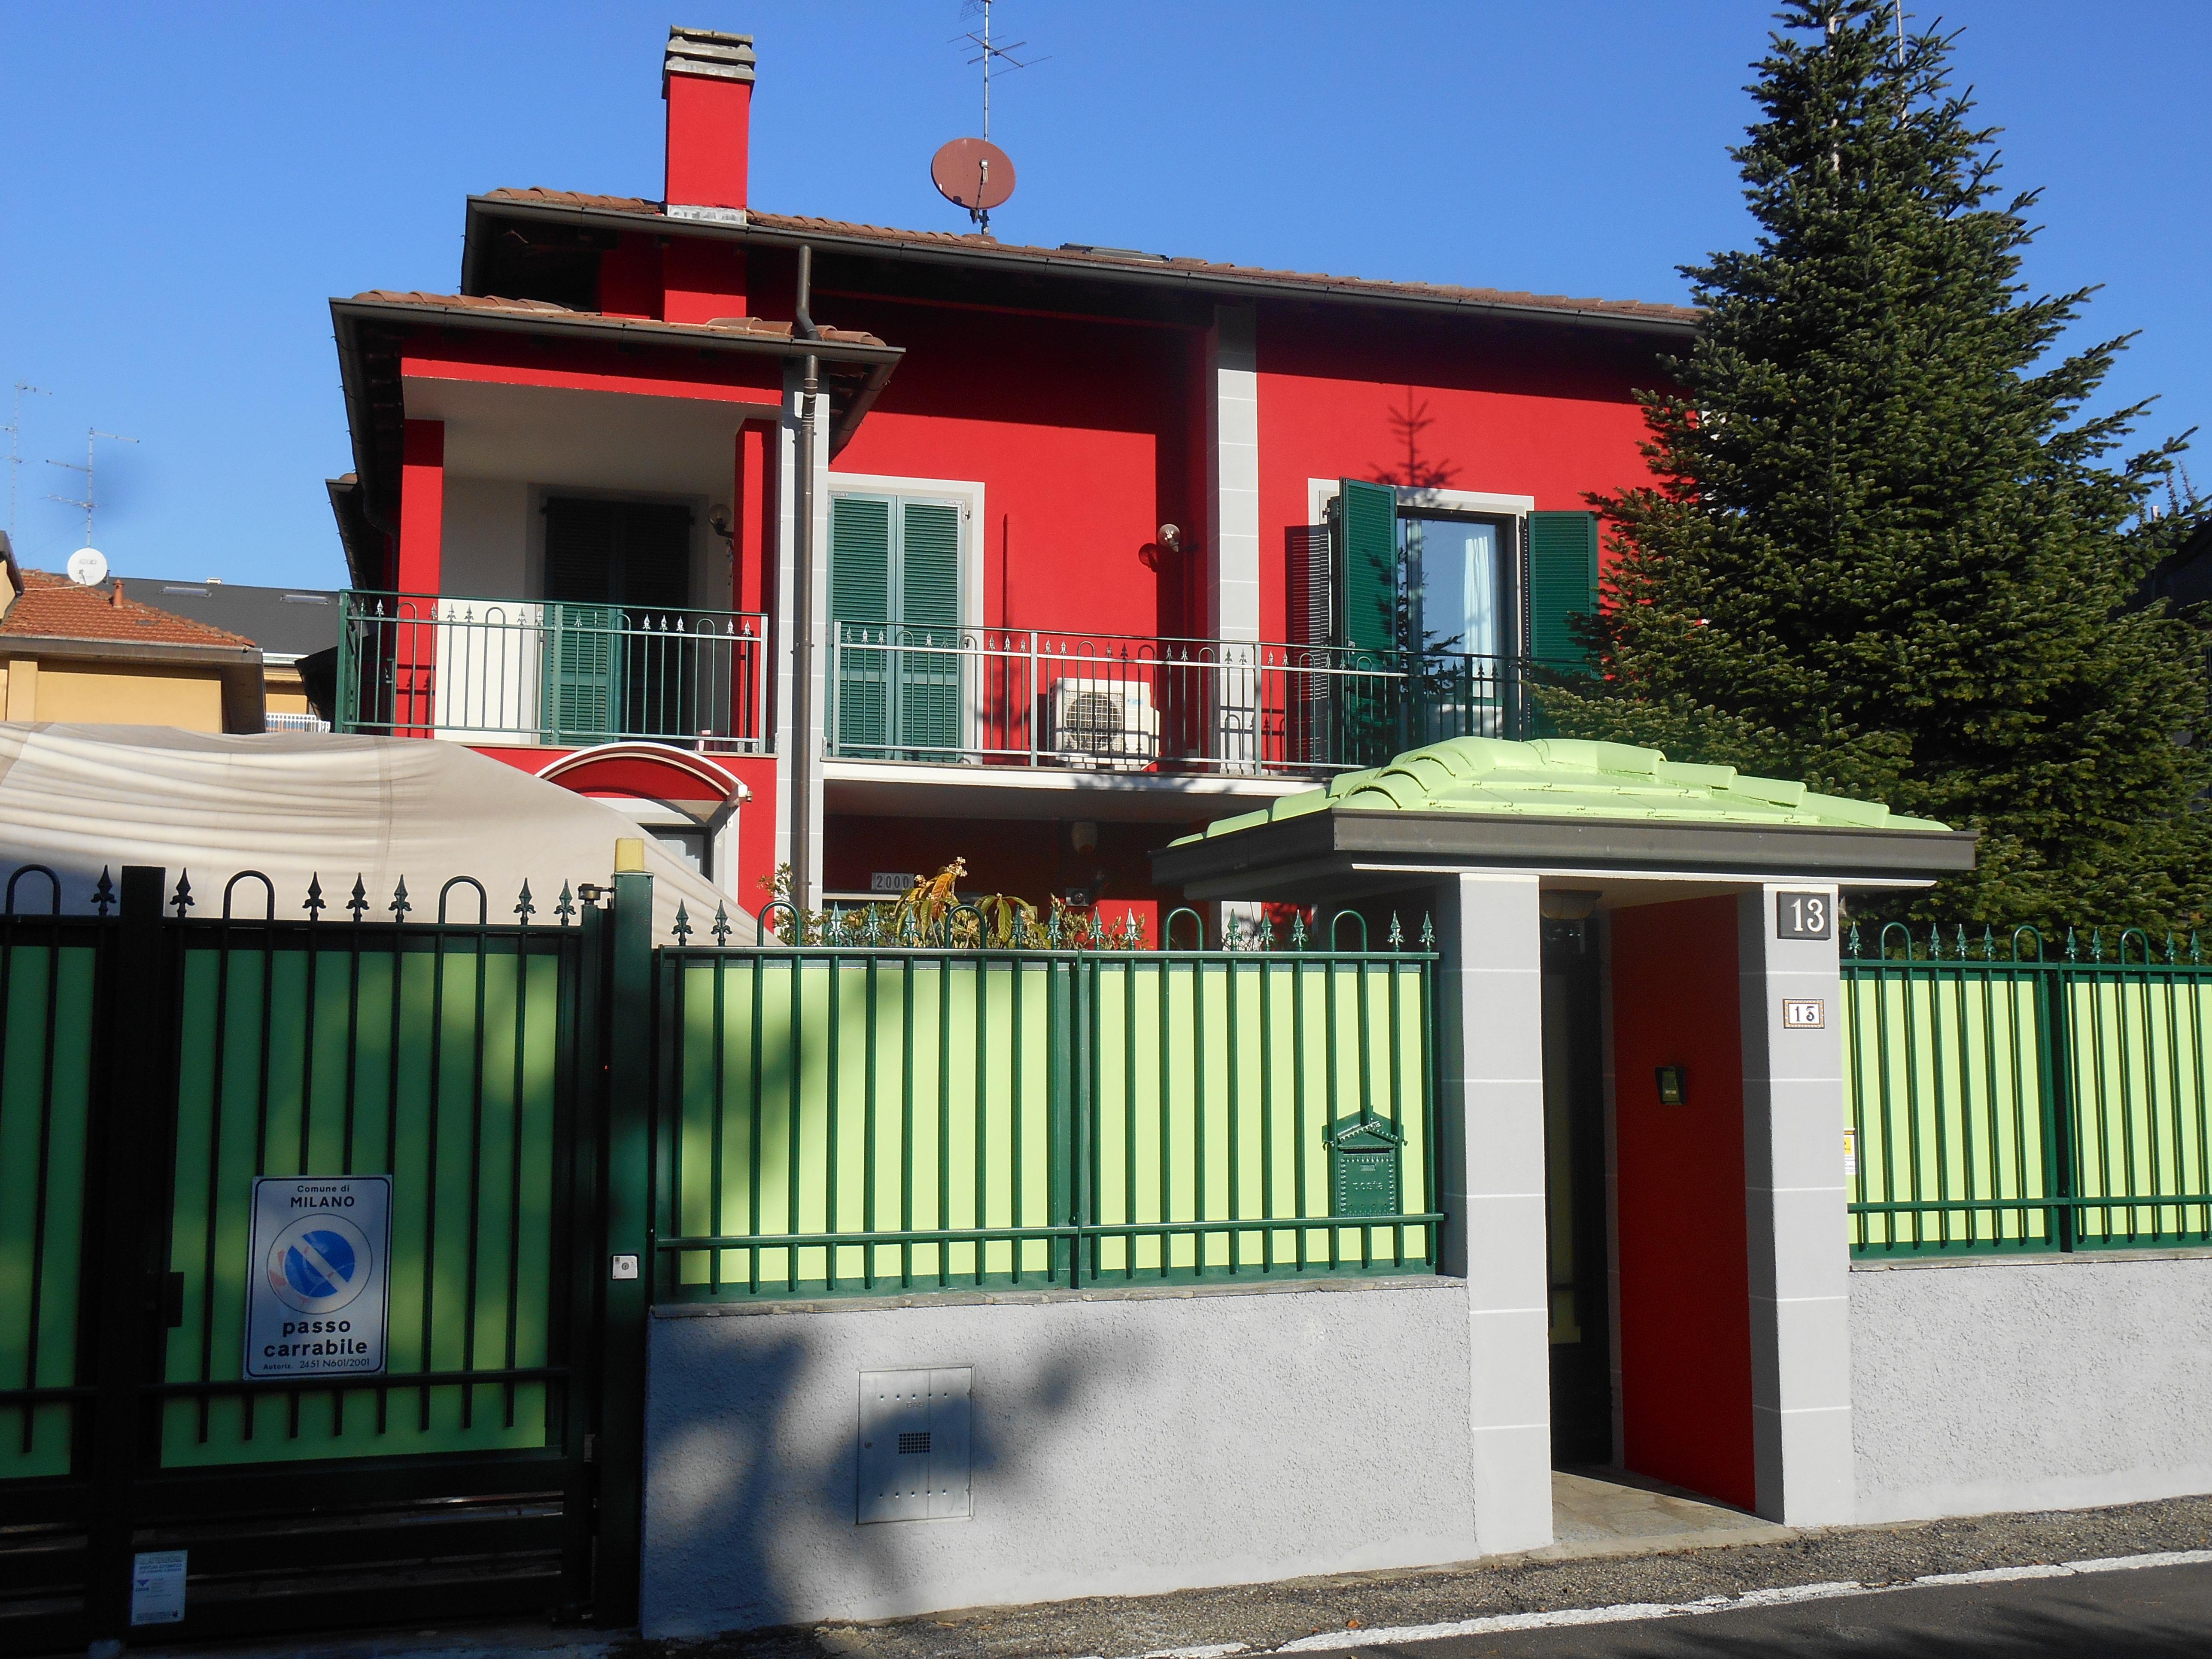 Facciata pi bella pi a lungo con brillux evocryl farberg for Colore facciata casa campagna